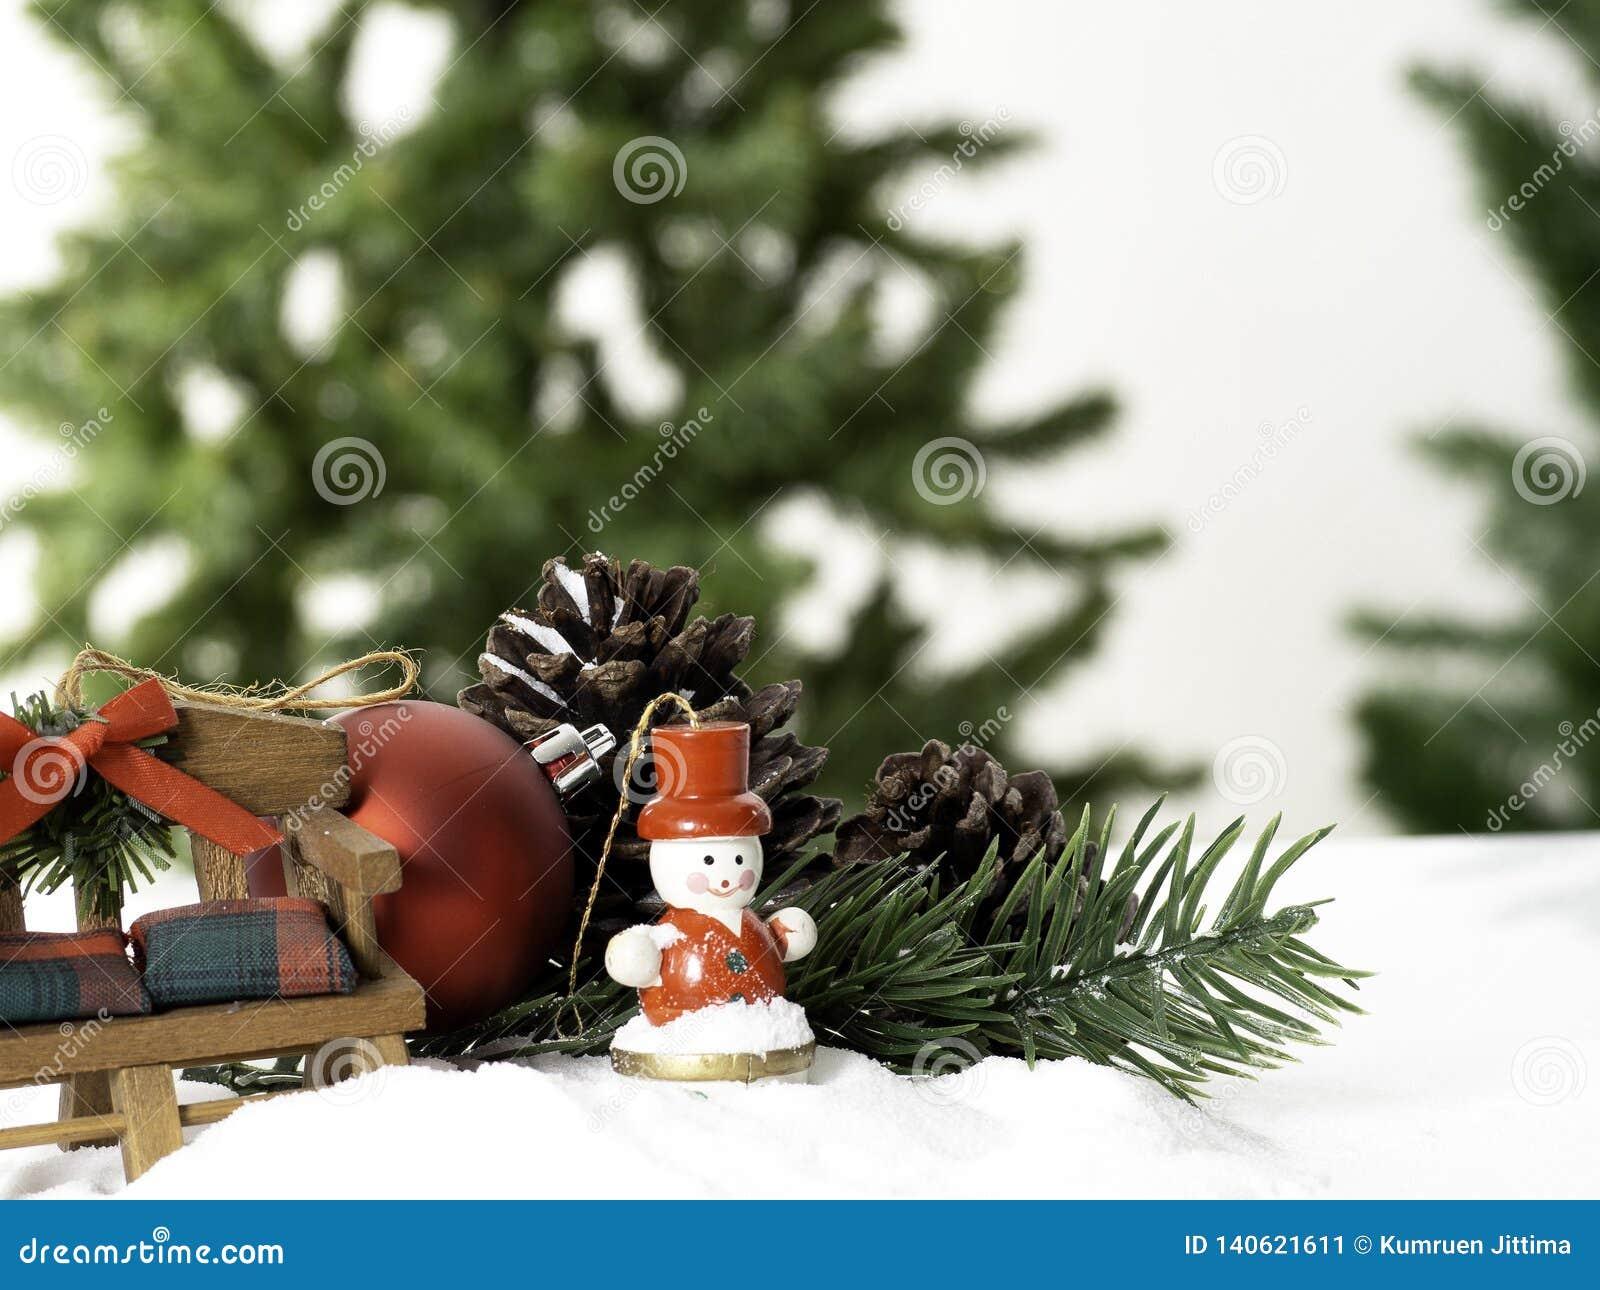 Рождественская елка состава большая украшенная со звездами и красивые красные шарики празднуют фестиваль на белой предпосылке